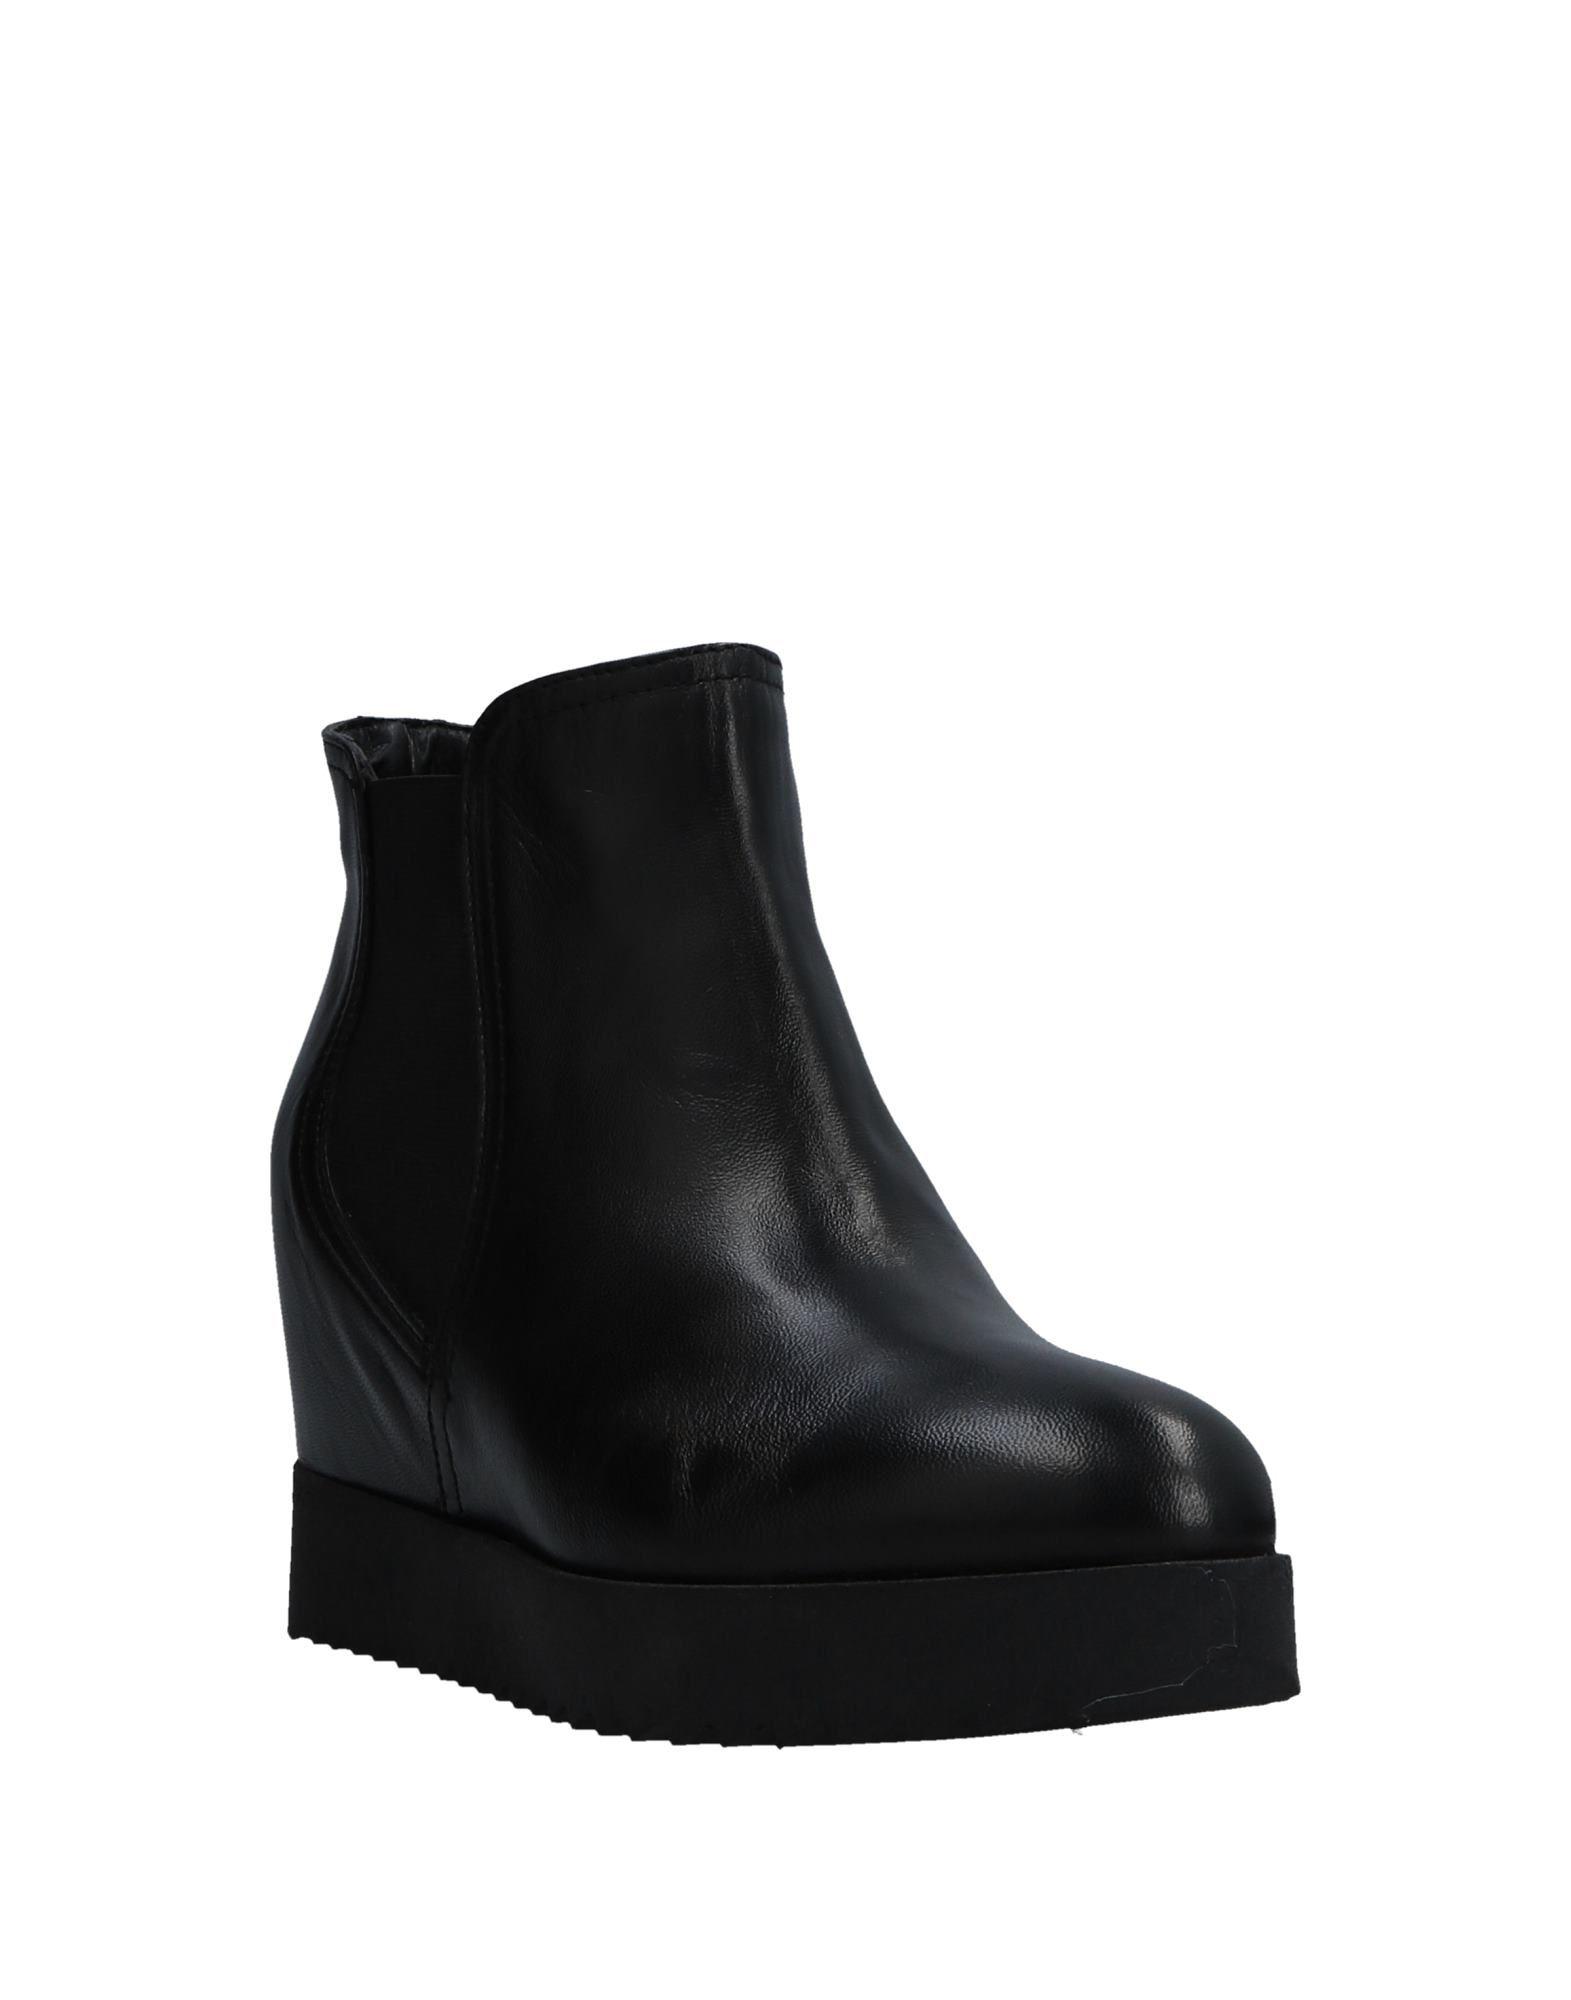 Chocolà Chocolà Chocolà Stiefelette Damen  11529460XO Gute Qualität beliebte Schuhe 70cb4d